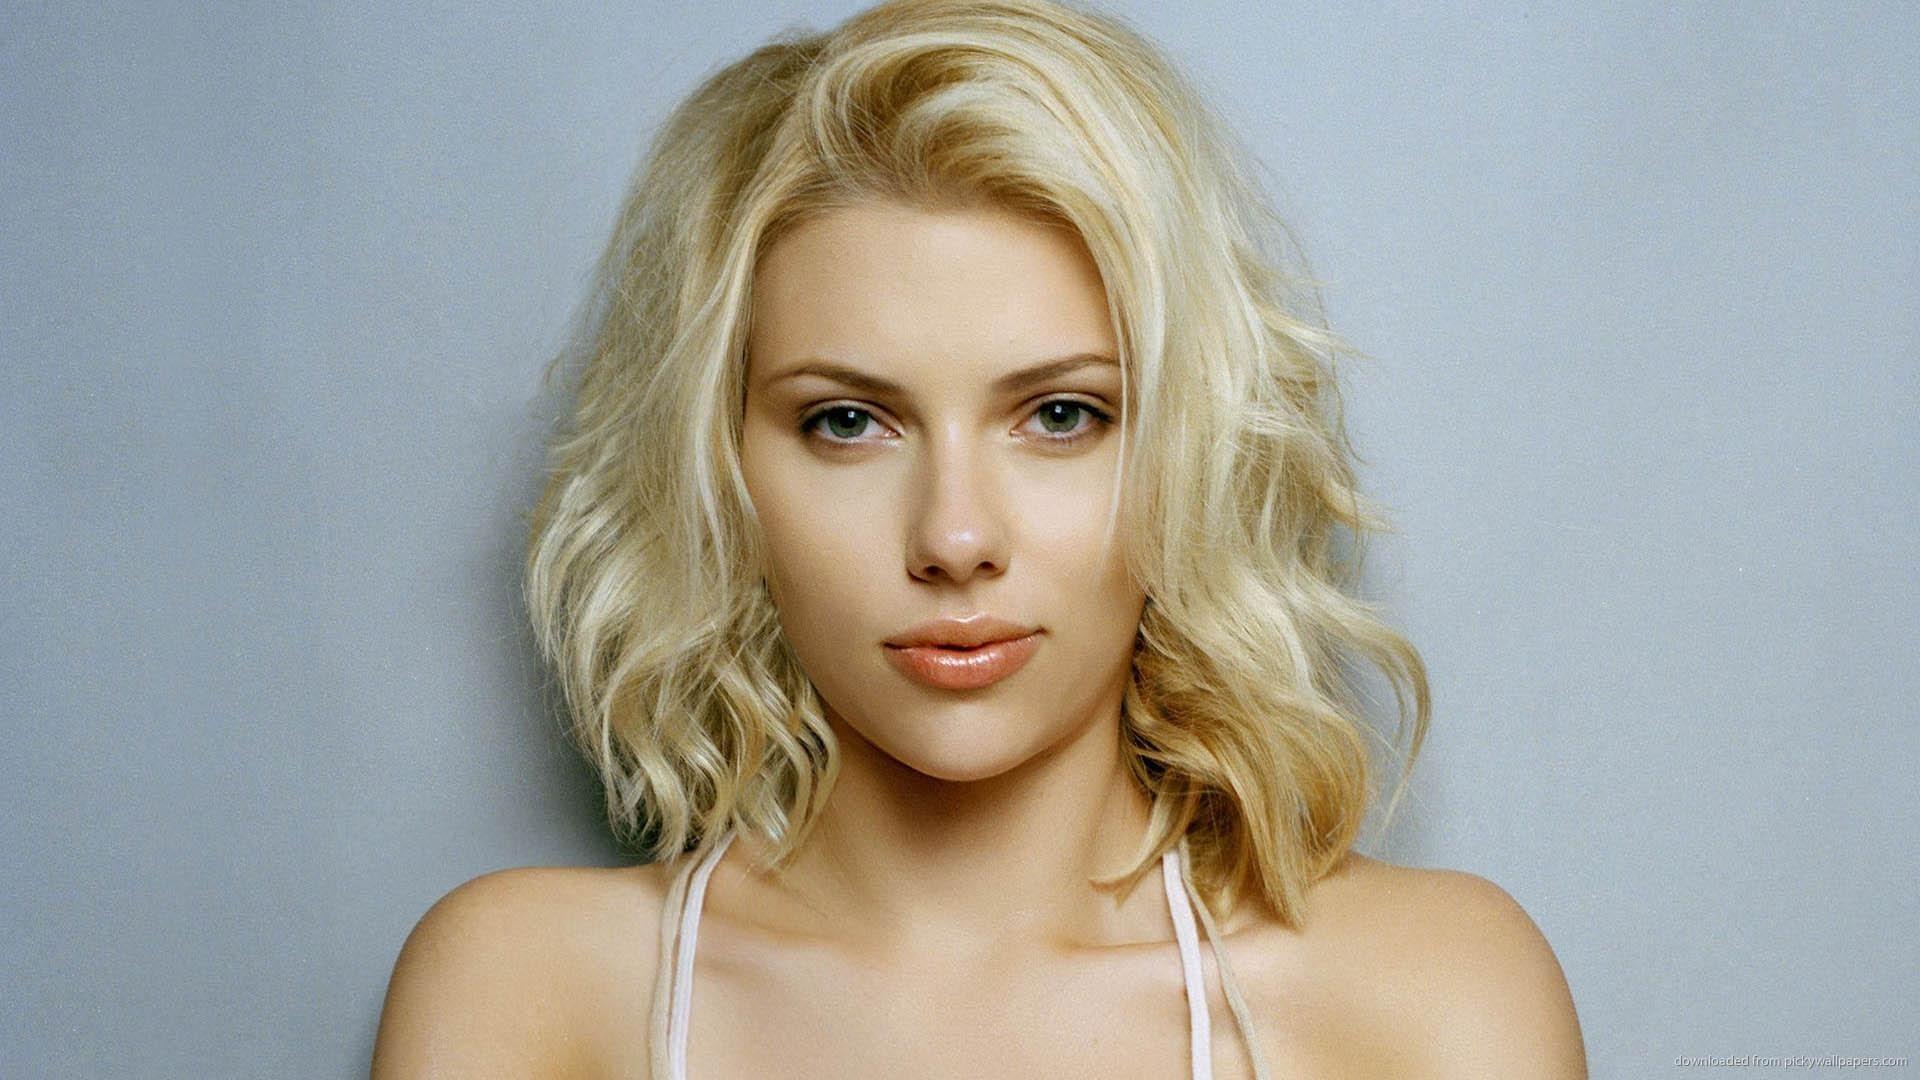 Scarlett Johansson free hd wallpaper